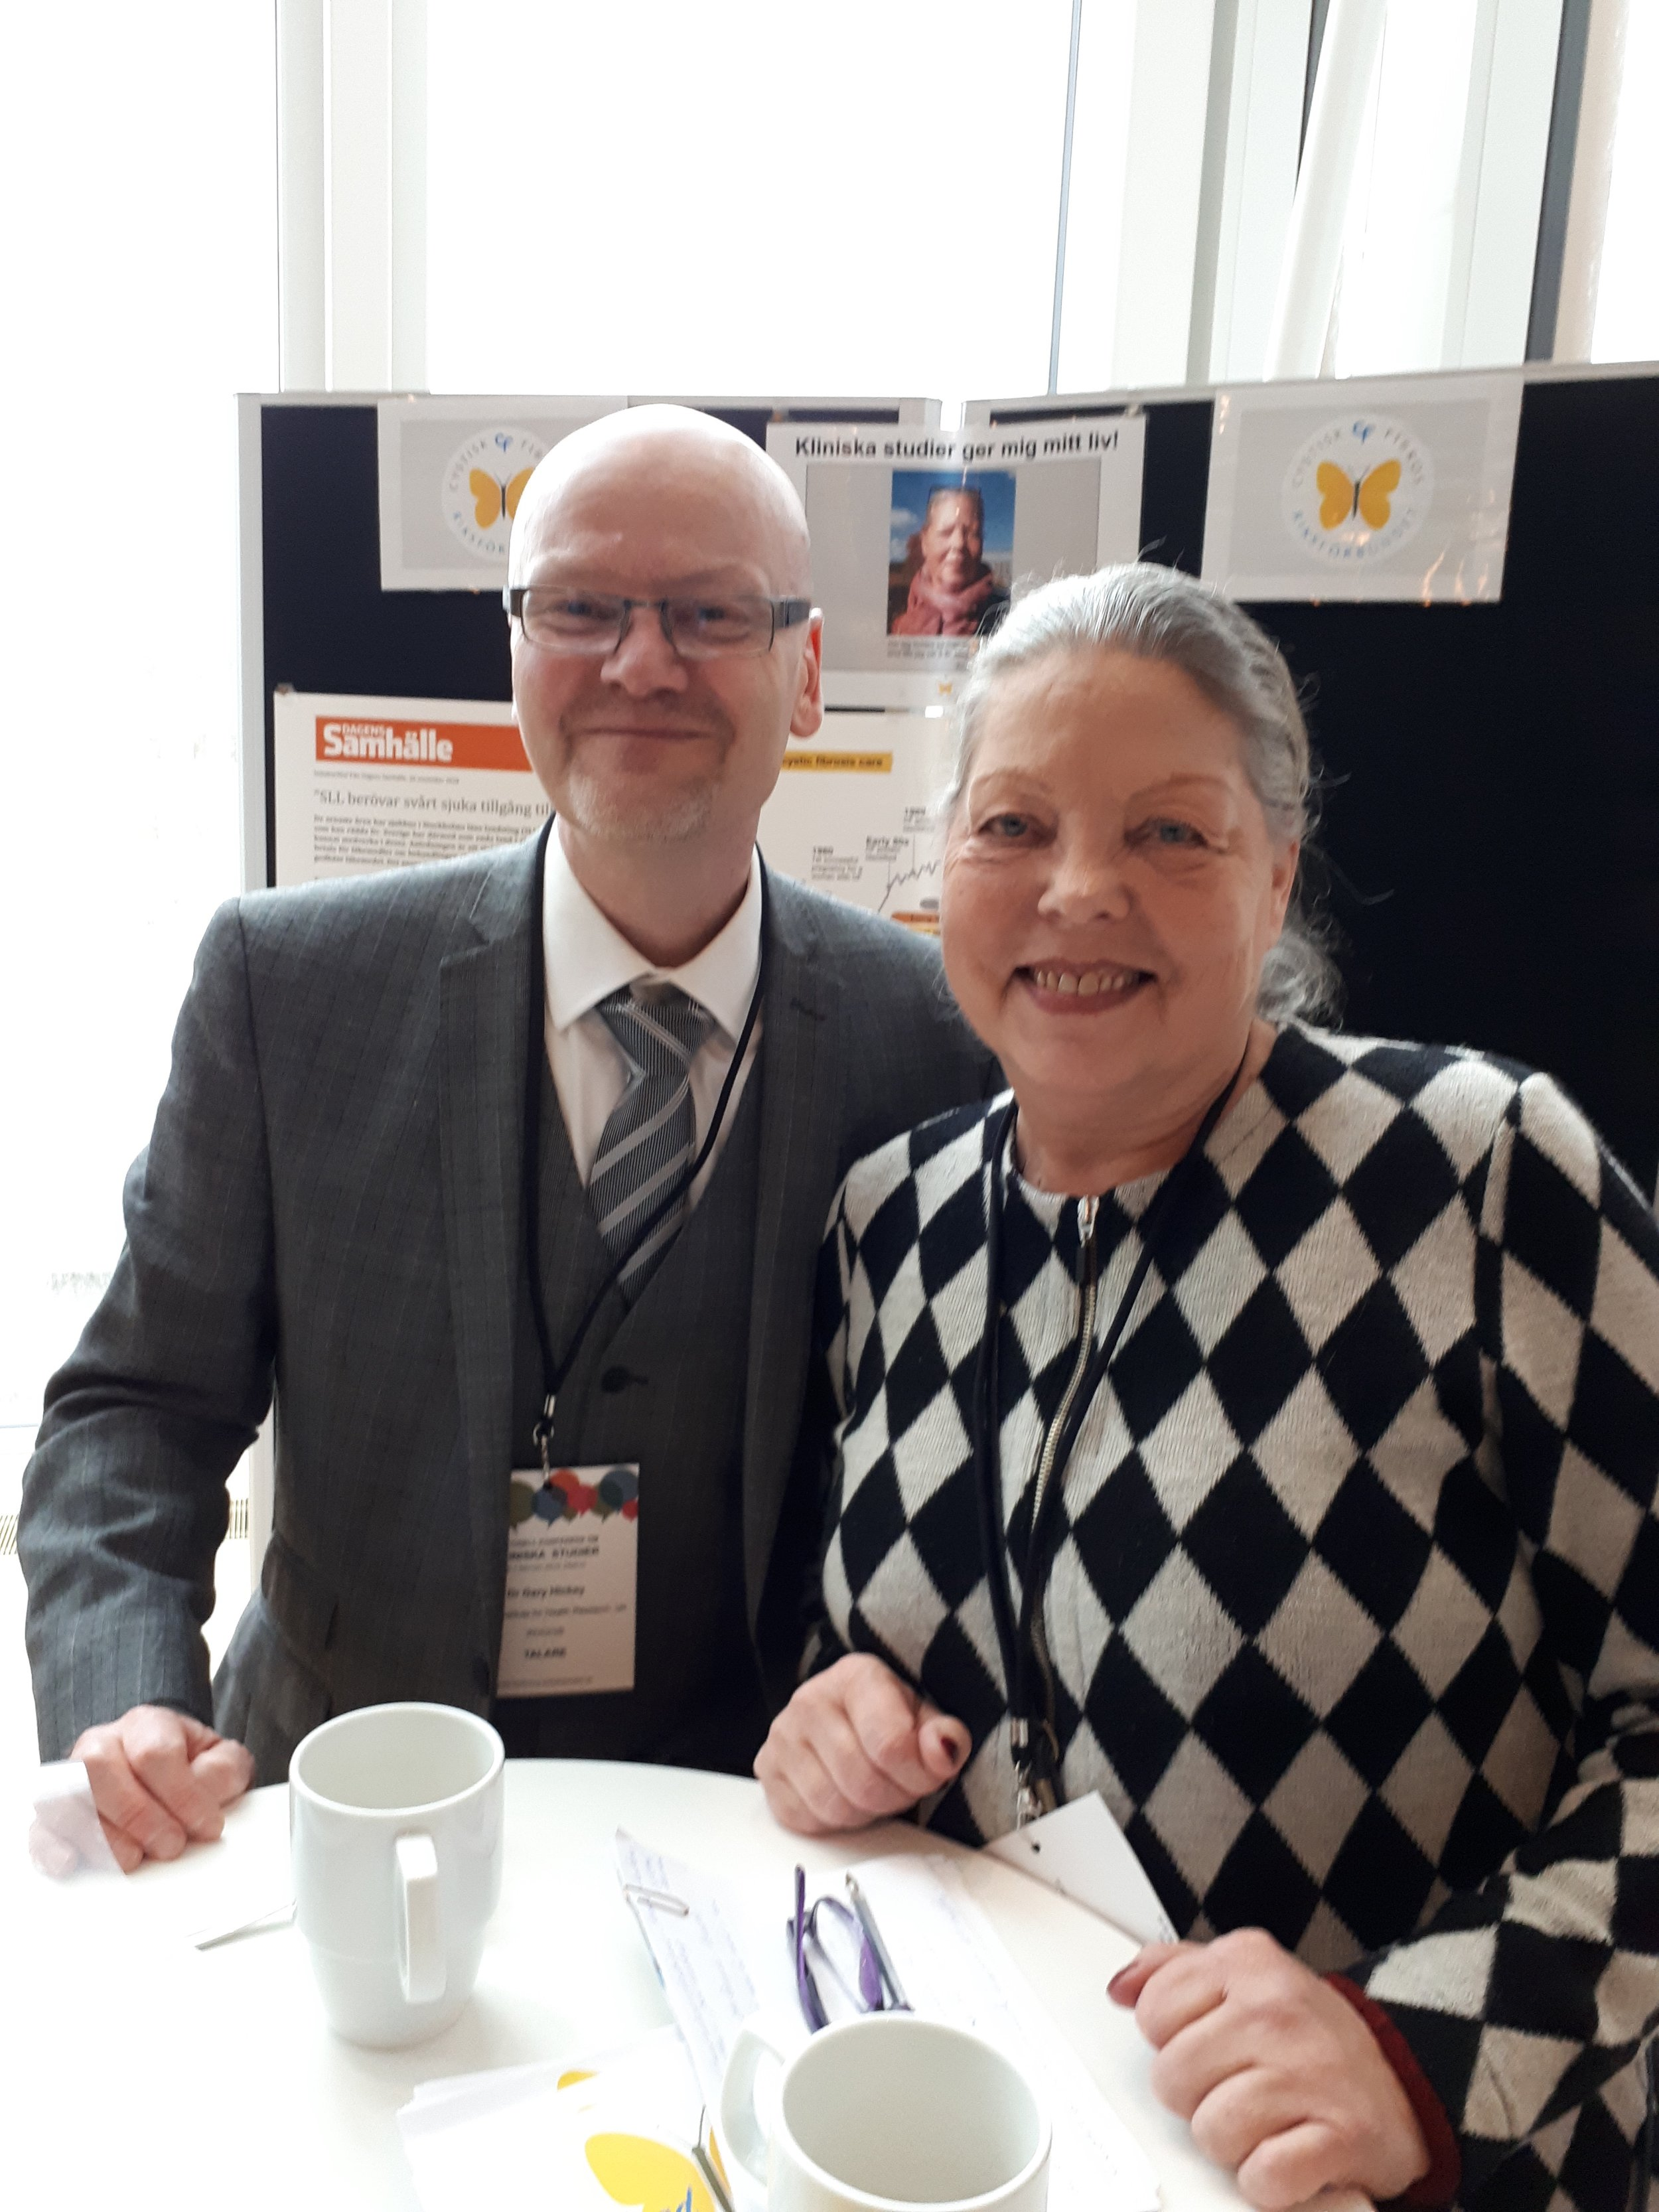 Gary Hickey från NIHR i England tillsammans med Kristina Radwan från RfCF